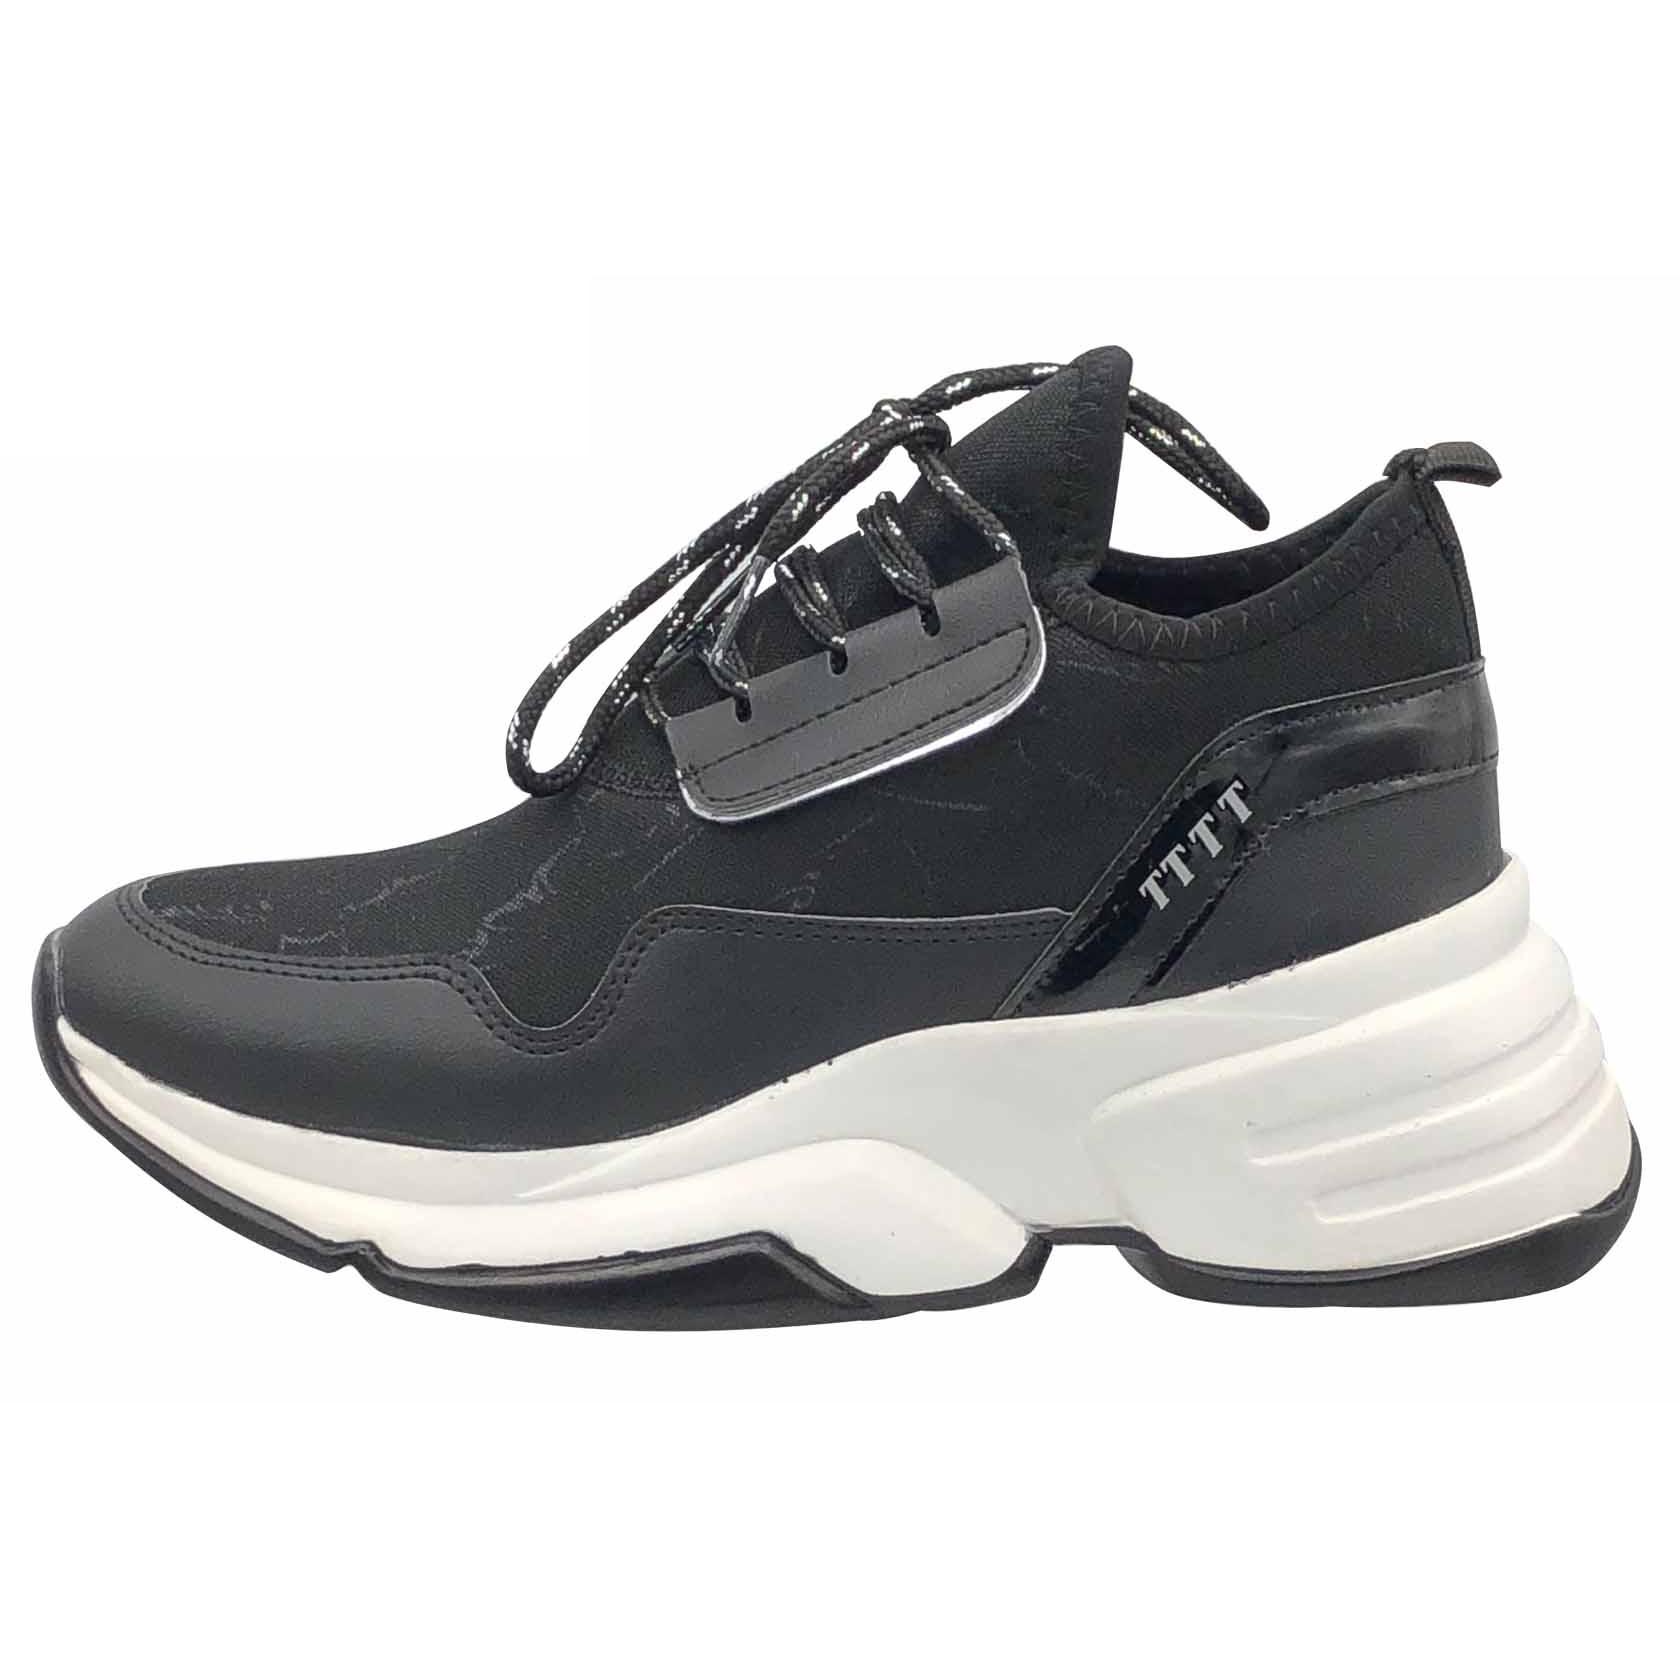 کفش مخصوص پیاده روی زنانه کد 9810